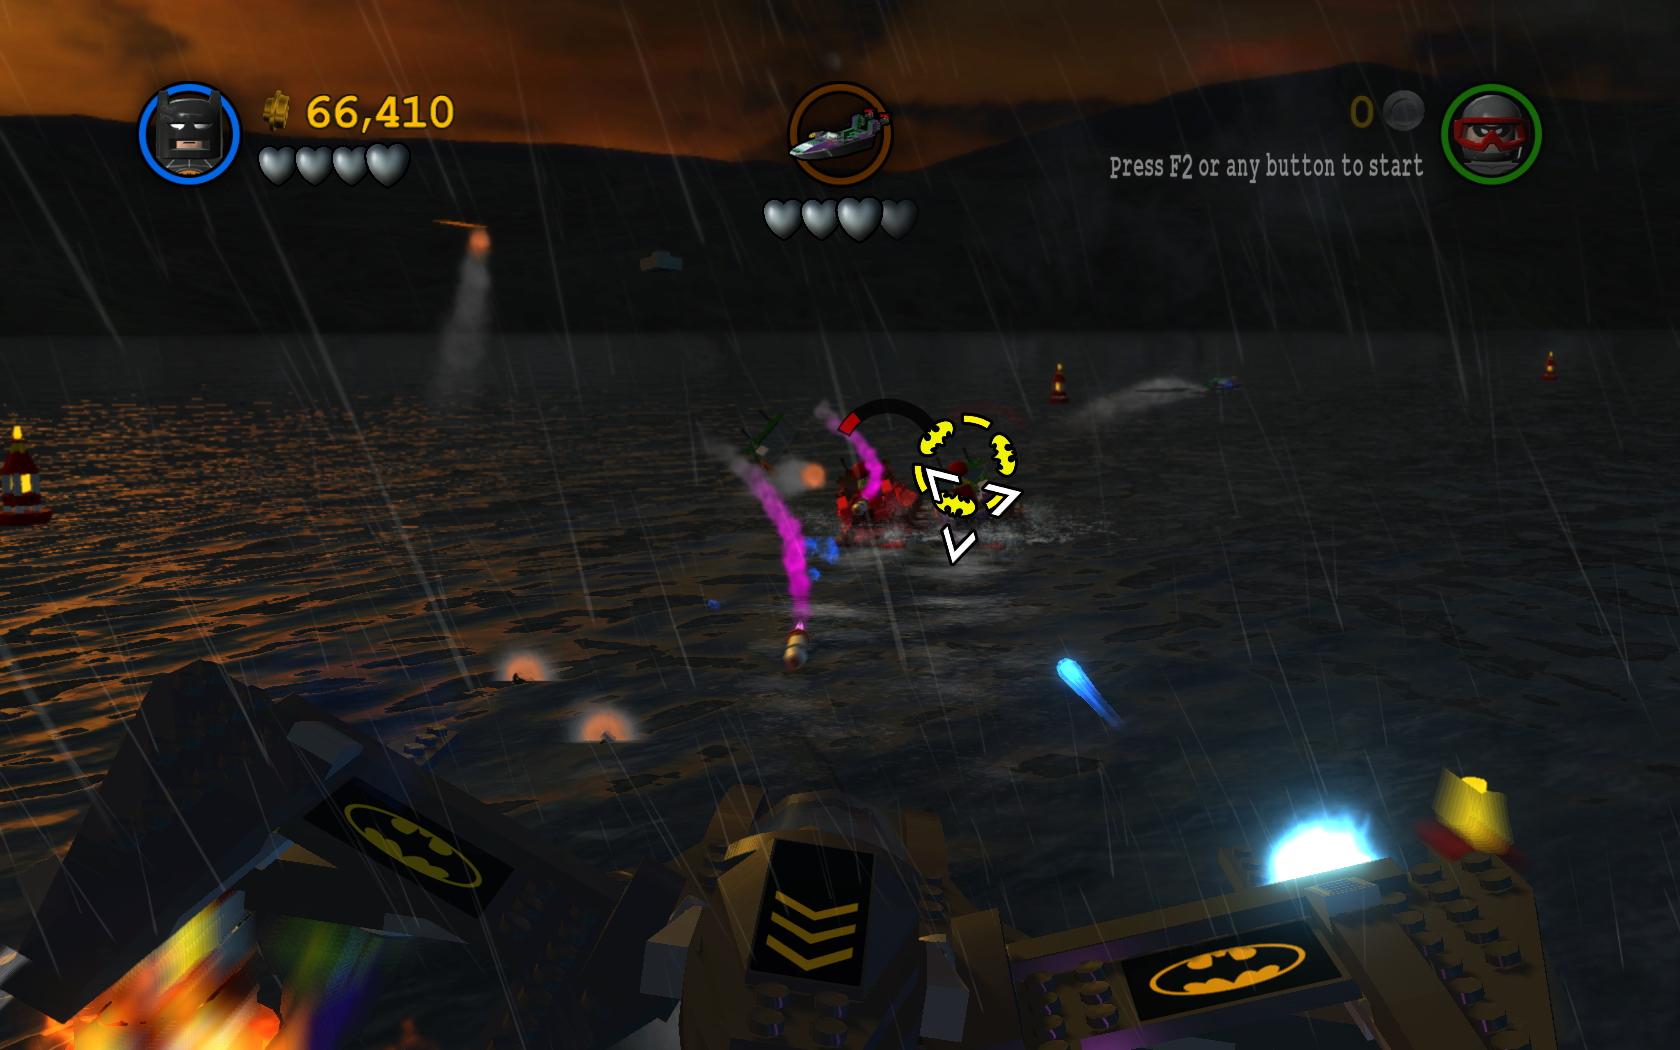 lego batman 2 dc super heroes cheats codes cheat codes - HD1680×1050